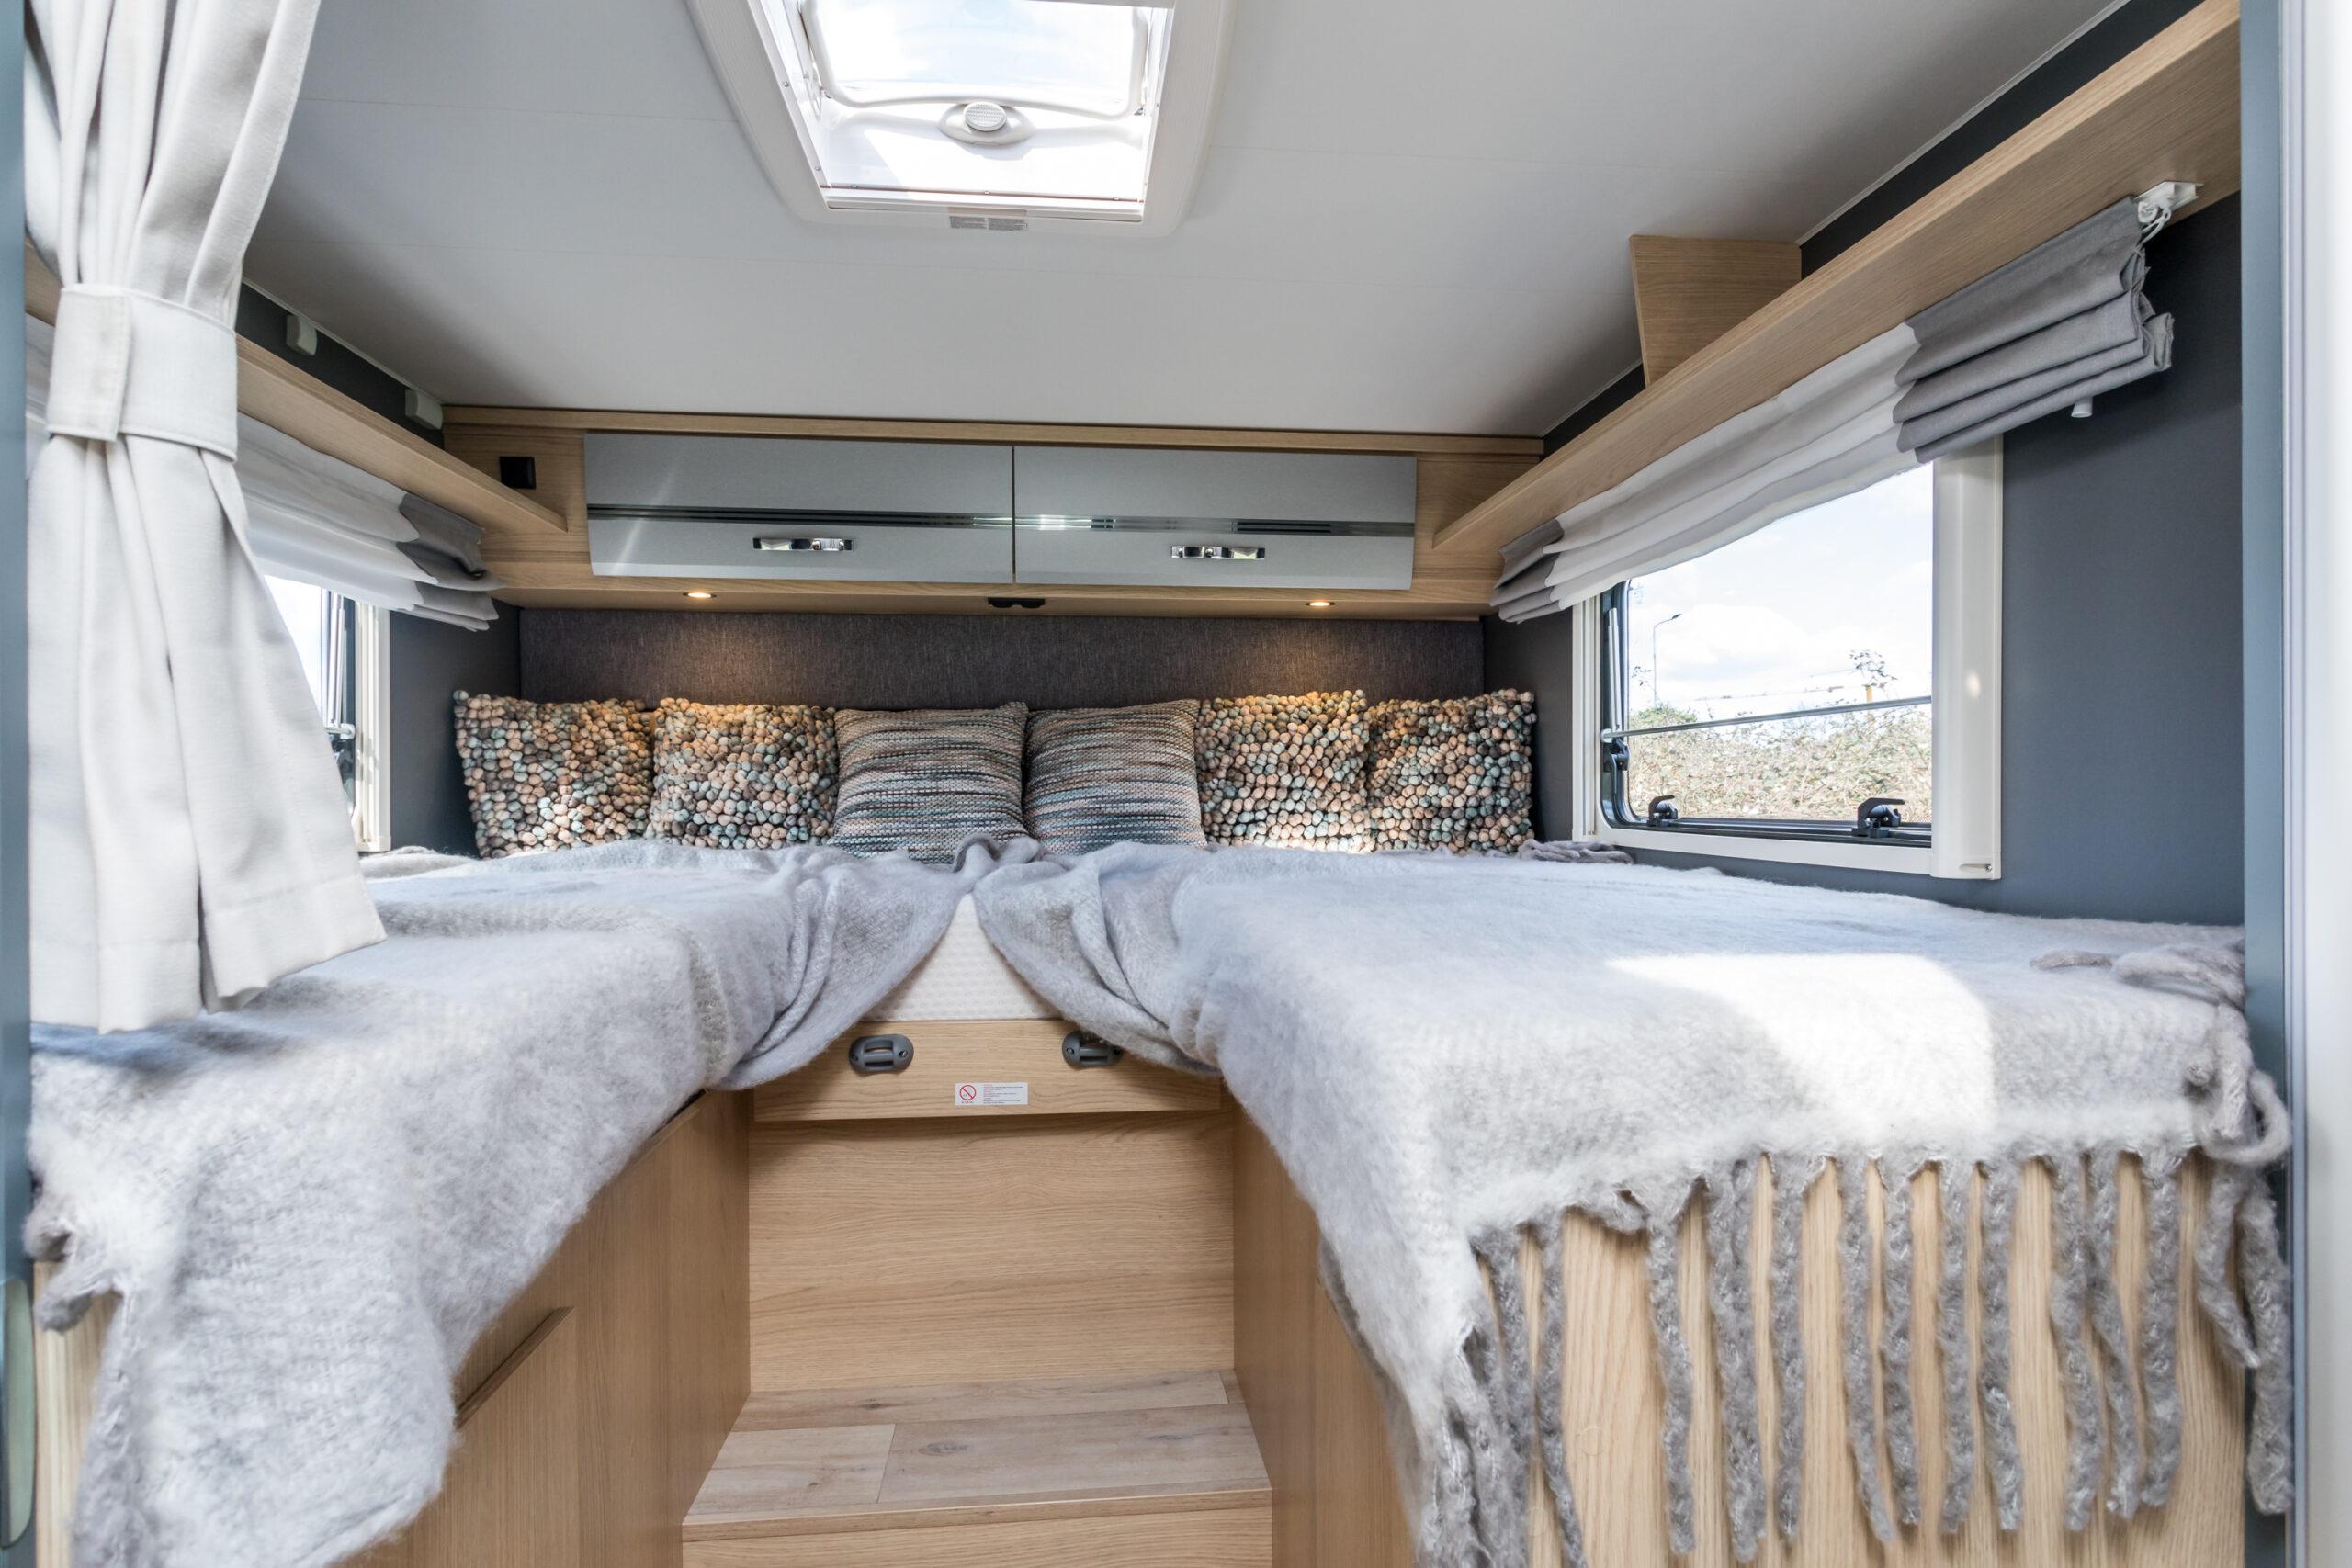 luxe camper dethleffs slaapkamer dabentie